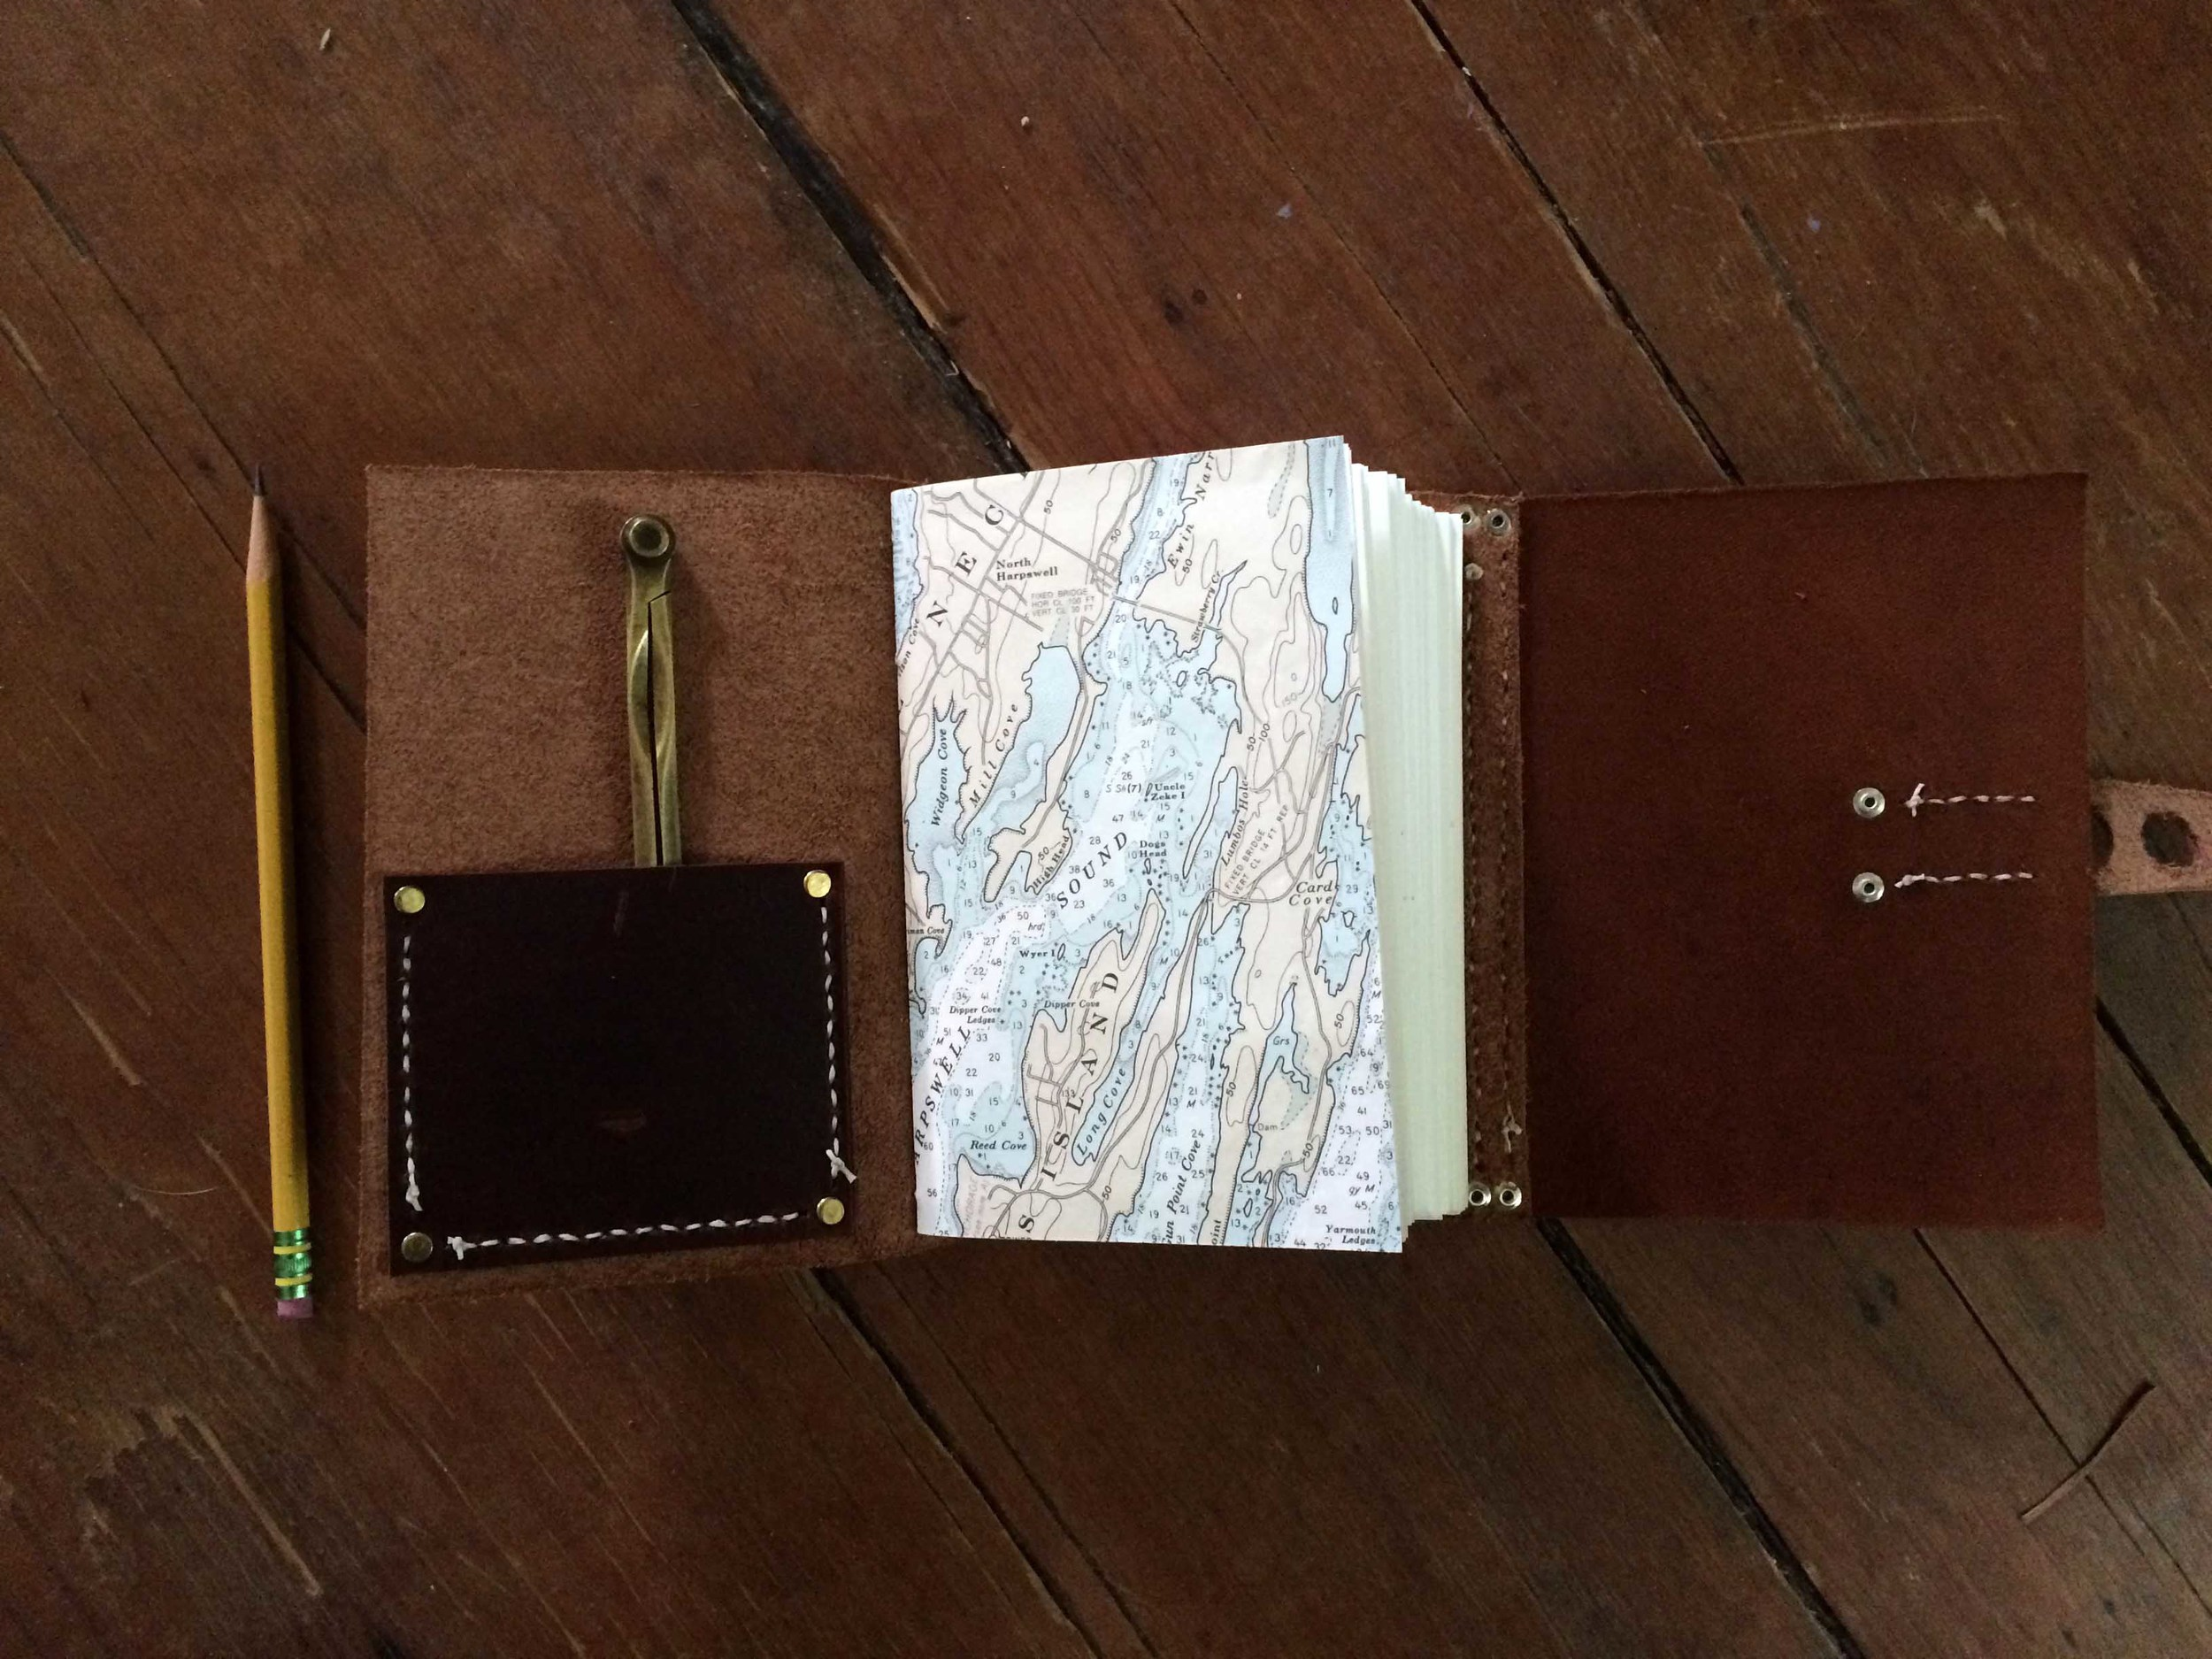 dski-design-cabin-duo-leather-4.jpg